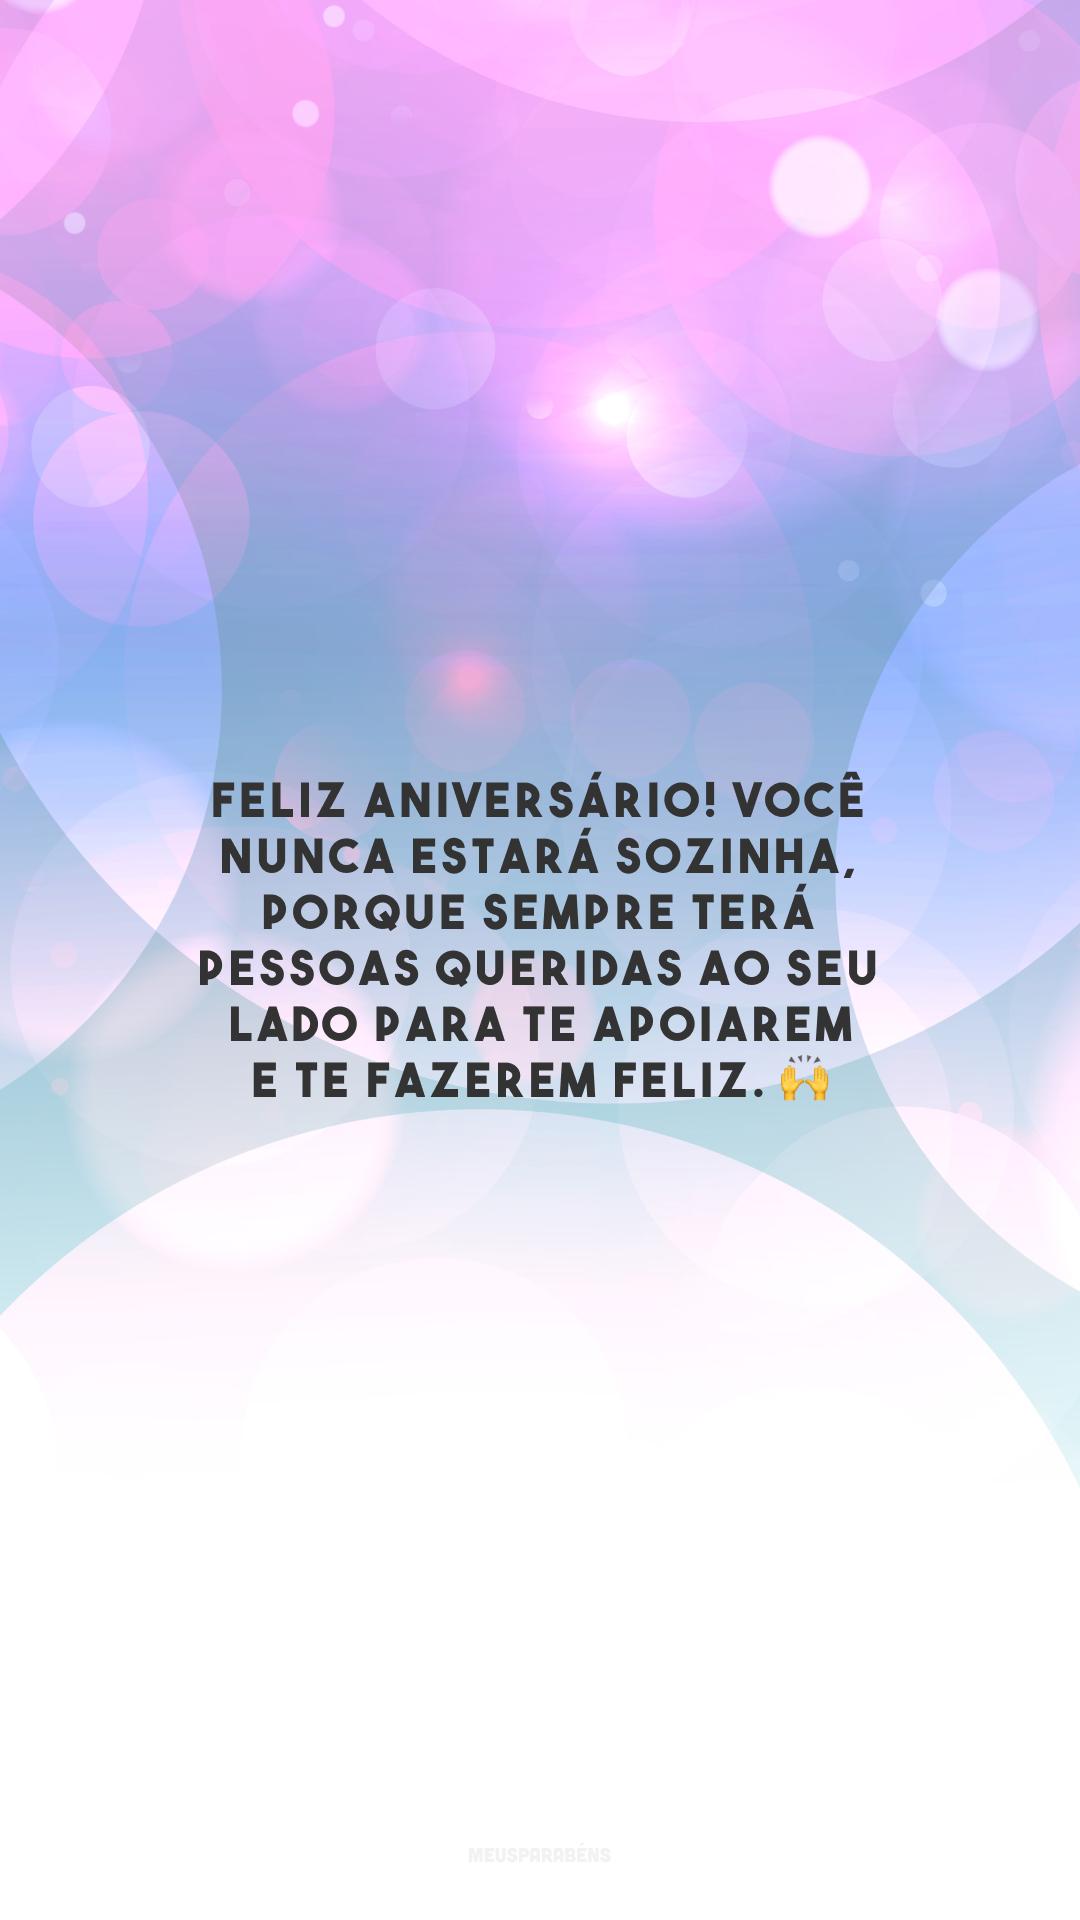 Feliz aniversário! Você nunca estará sozinha, porque sempre terá pessoas queridas ao seu lado para te apoiarem e te fazerem feliz. 🙌